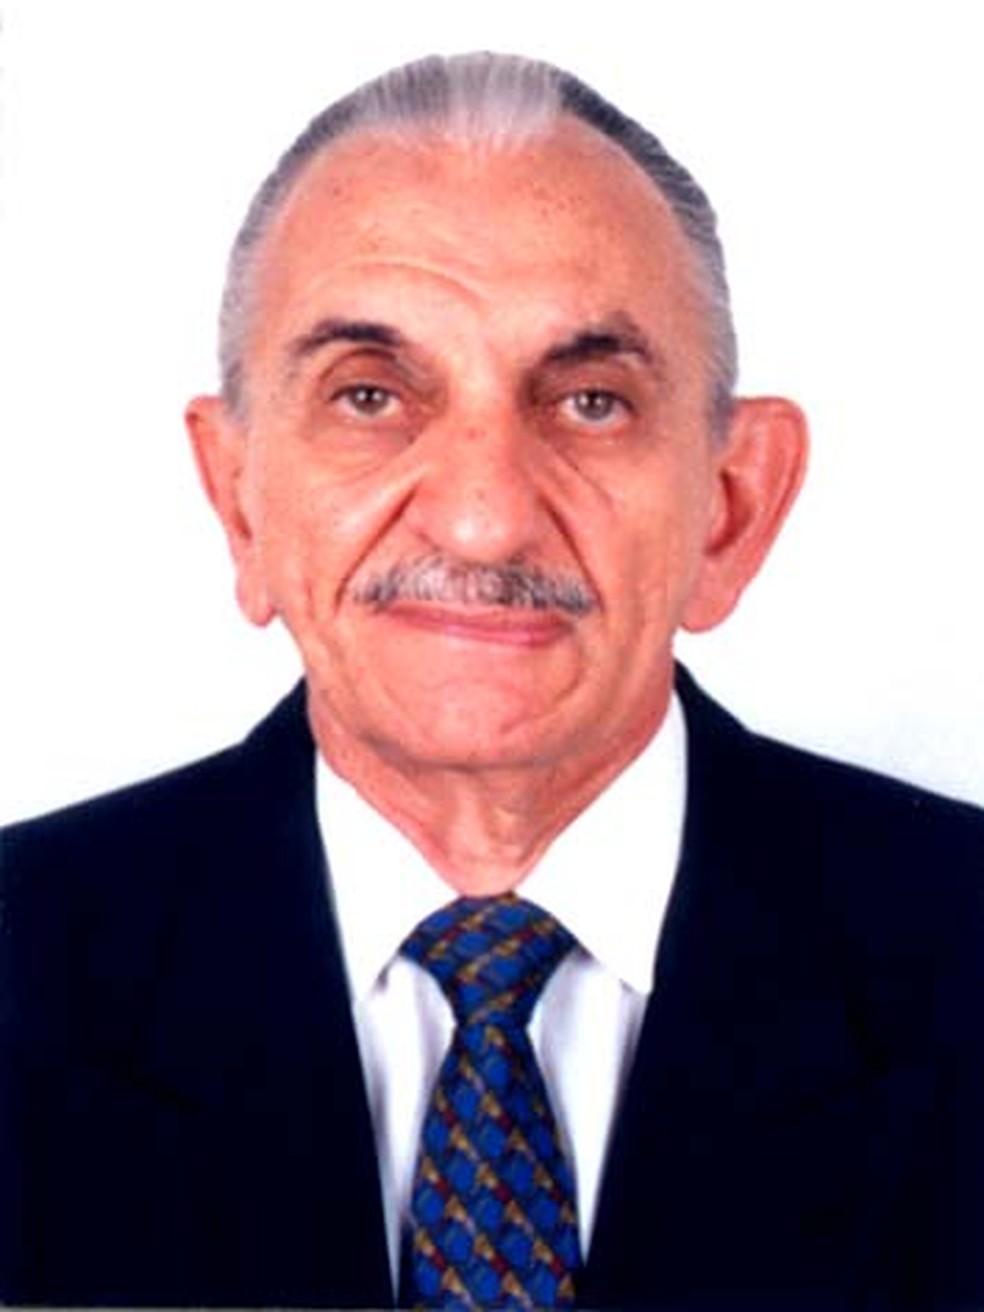 Lavoisier Maia, ex-governador do Rio Grande do Norte  — Foto: Câmara Legislativa